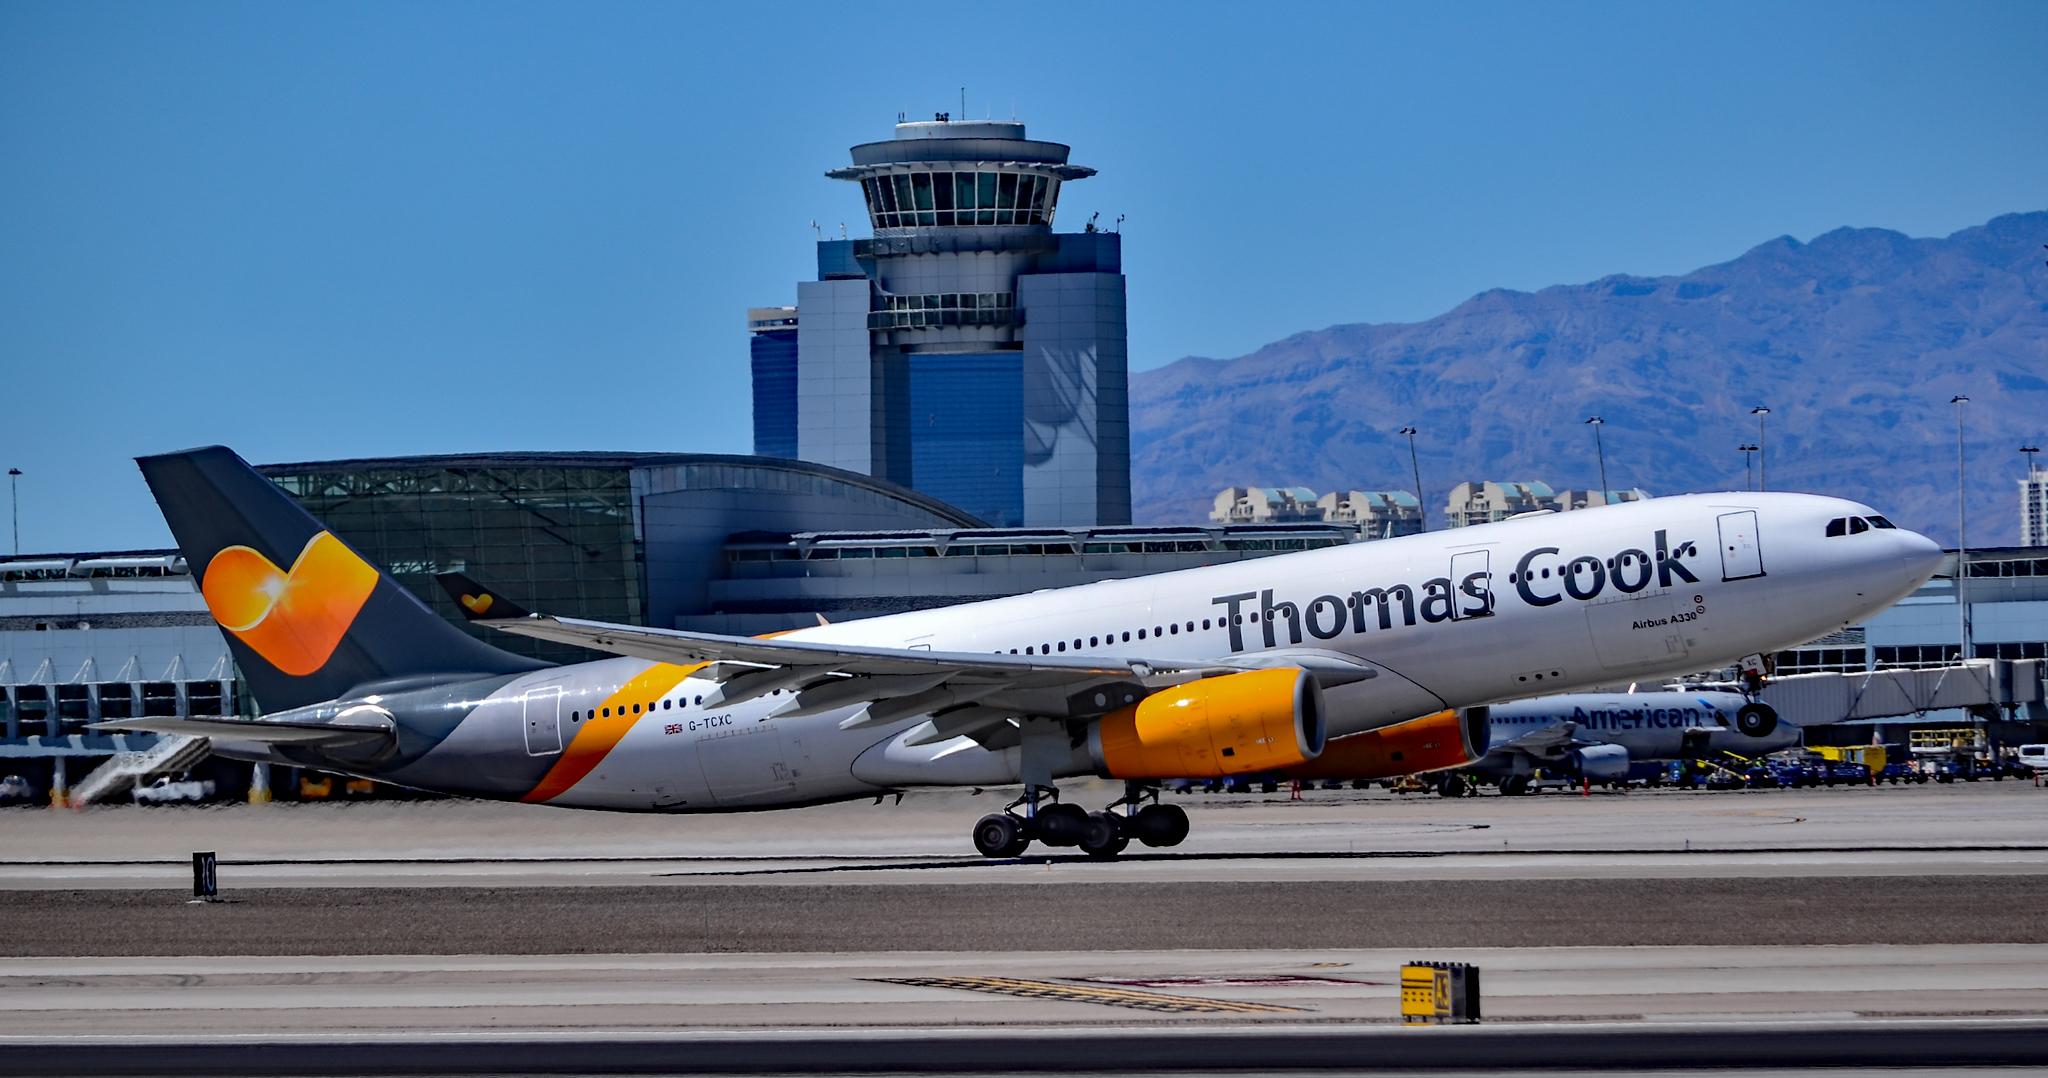 Det er denne Airbus A330-200 fra danske Sunclass Airlines, dog stadig i Thomas Cook Airlines-bemalingen, der nu er på vej fra Phuket til København efter at have hentet strandede danske og nordiske statsborgere i Filippinerne. Her er flyet fotograferet i Las Vegas' lufthavn af Tomás Del Coro, foto via Wikipedia.